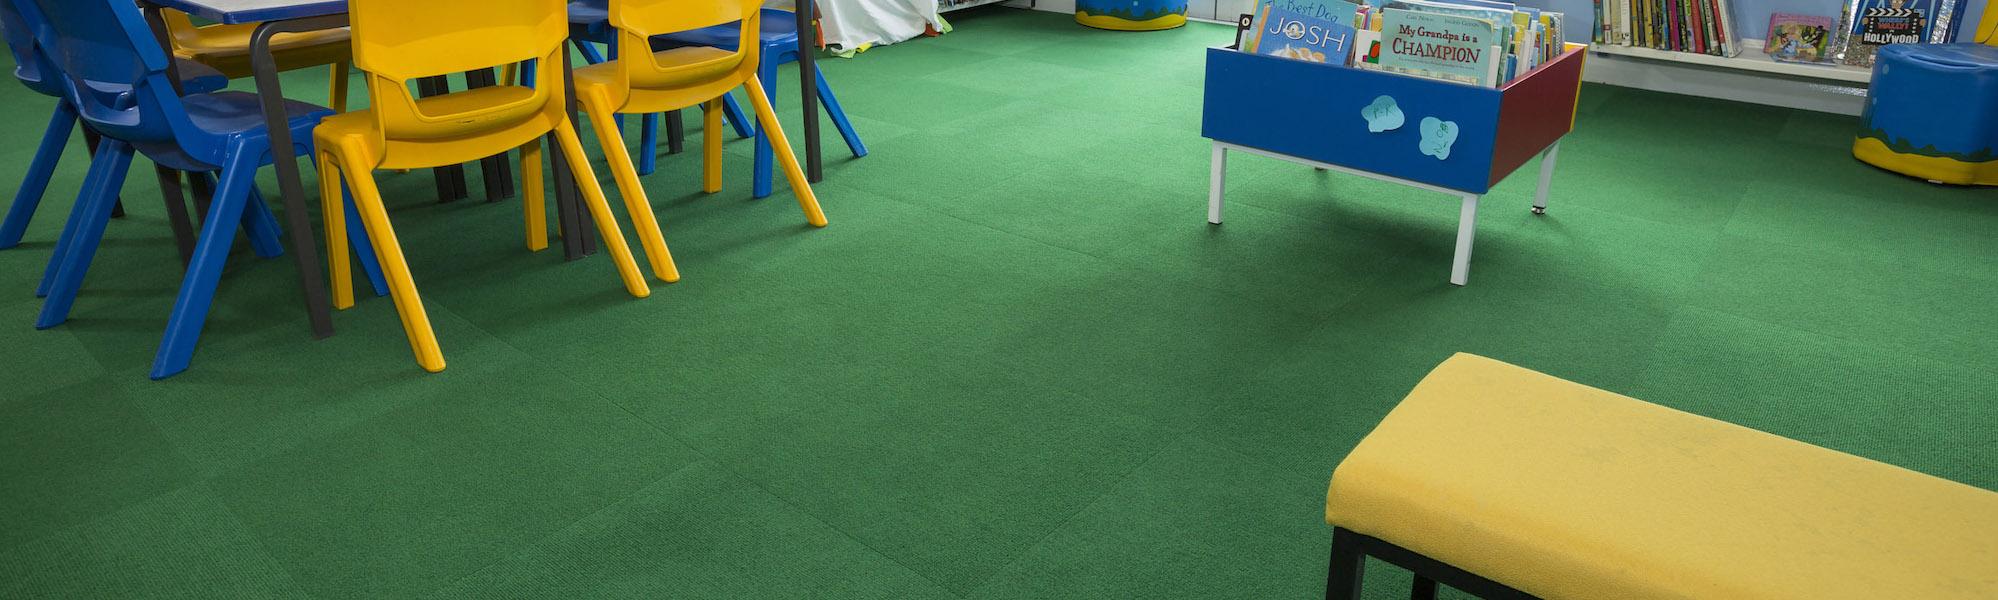 Heckmondwike FB | Commercial Carpet | Supacord for Education